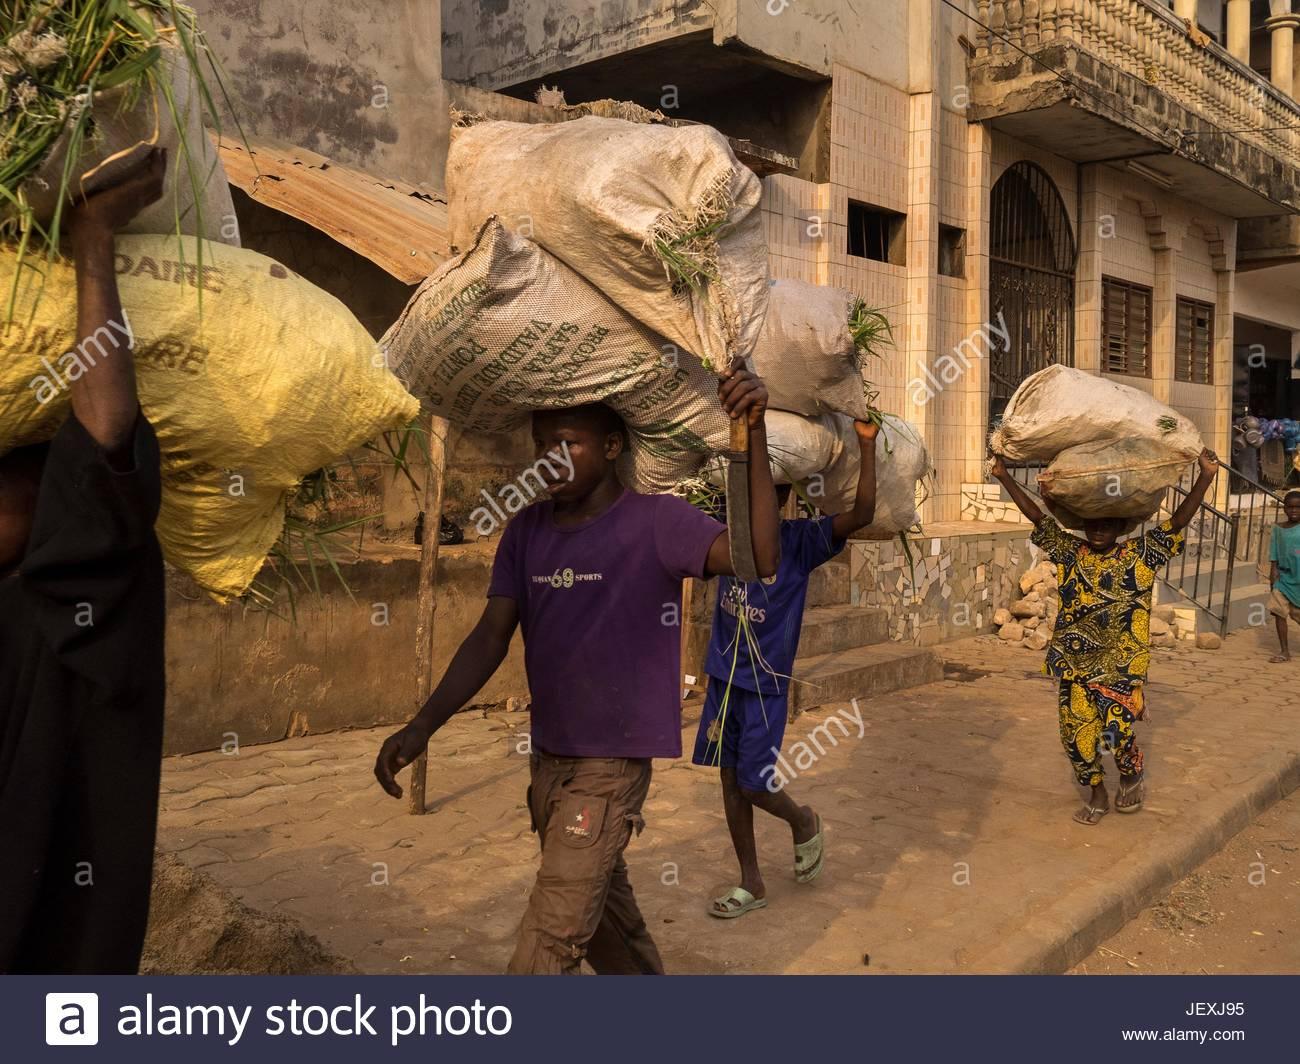 Persone che trasportano grandi carichi sulle loro teste in una strada di Porto Novo. Immagini Stock